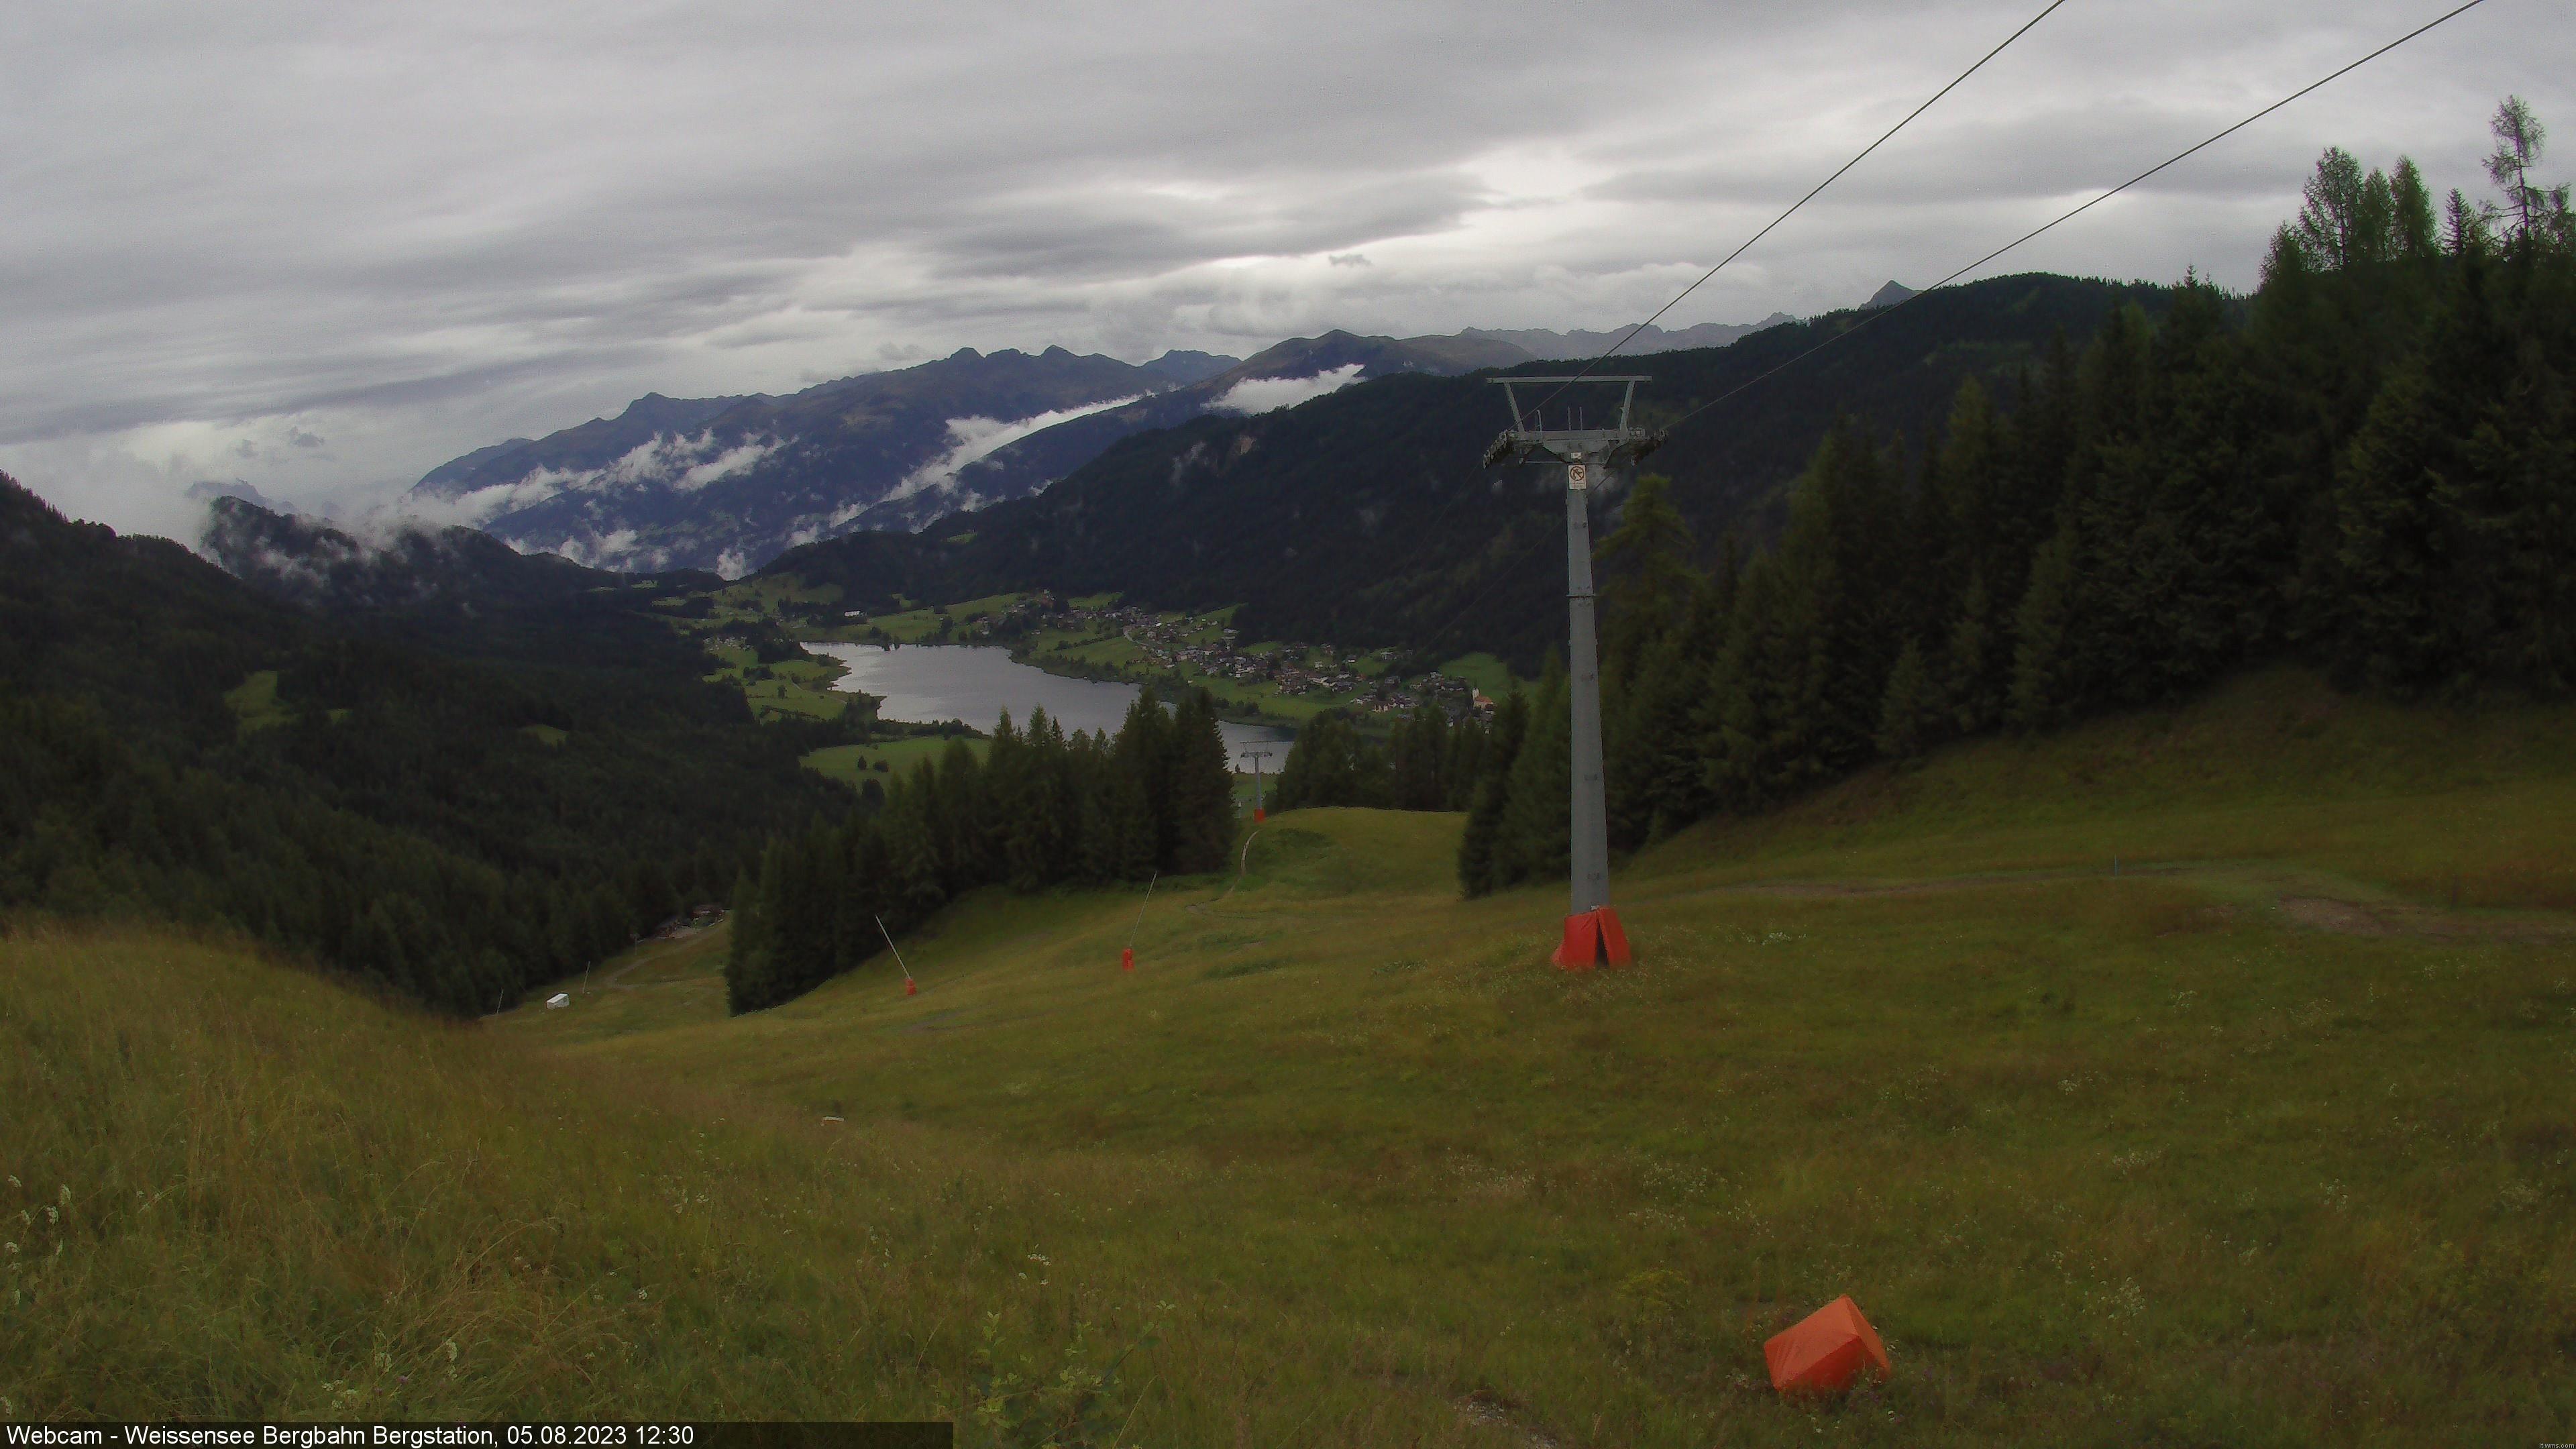 Weißensee Bergbahnen – Bergstation webcam Live